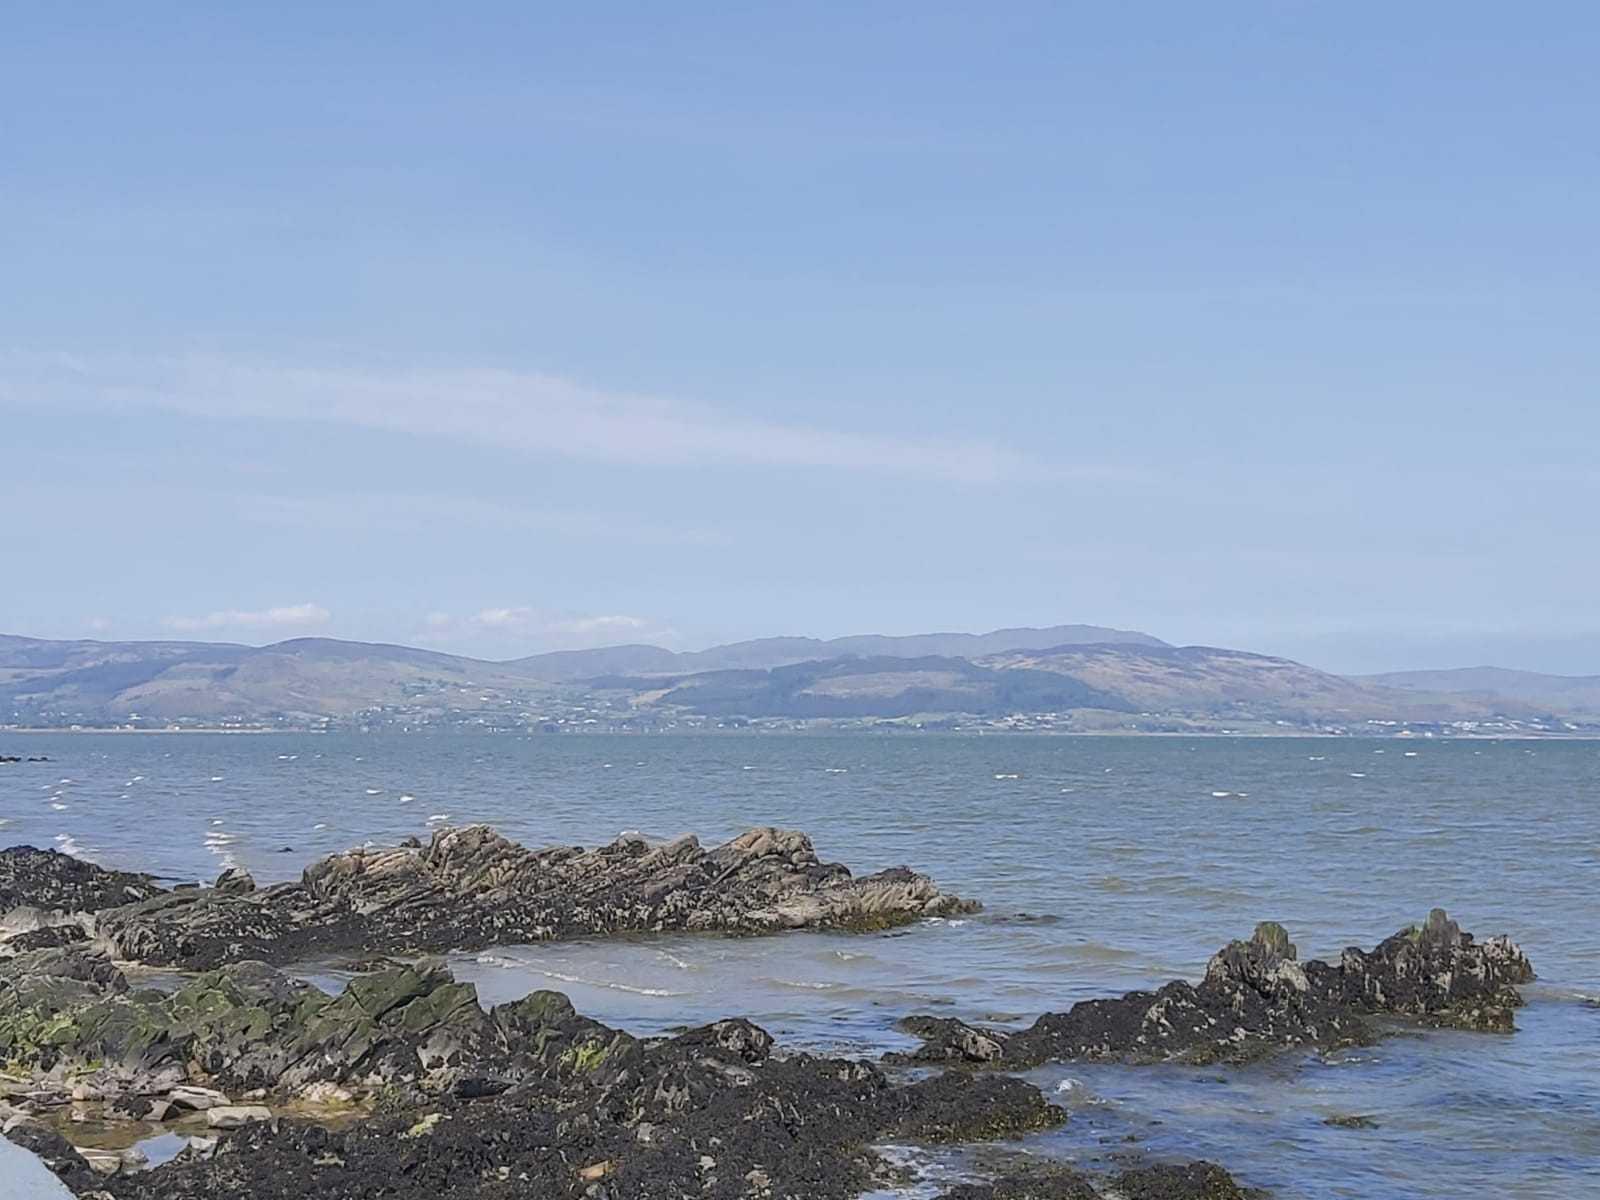 Irish Sea off Blackrock Coast